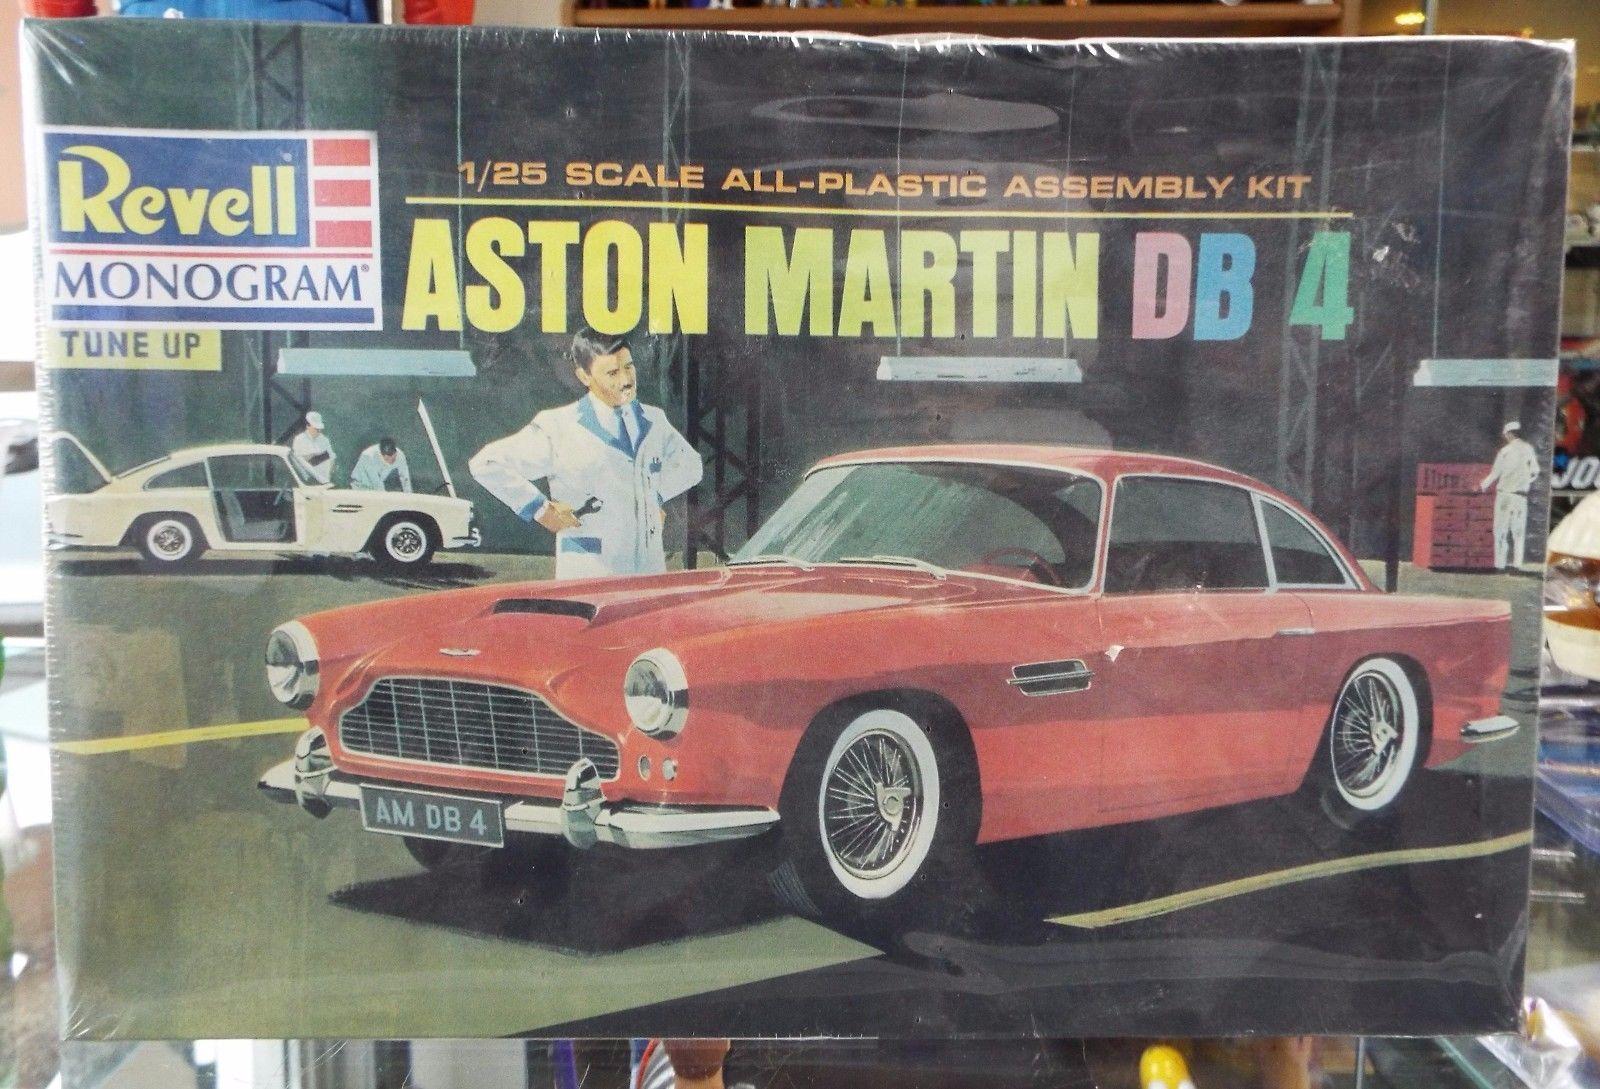 sealed revell monogram aston martin db-4 model kit # 562 1/25